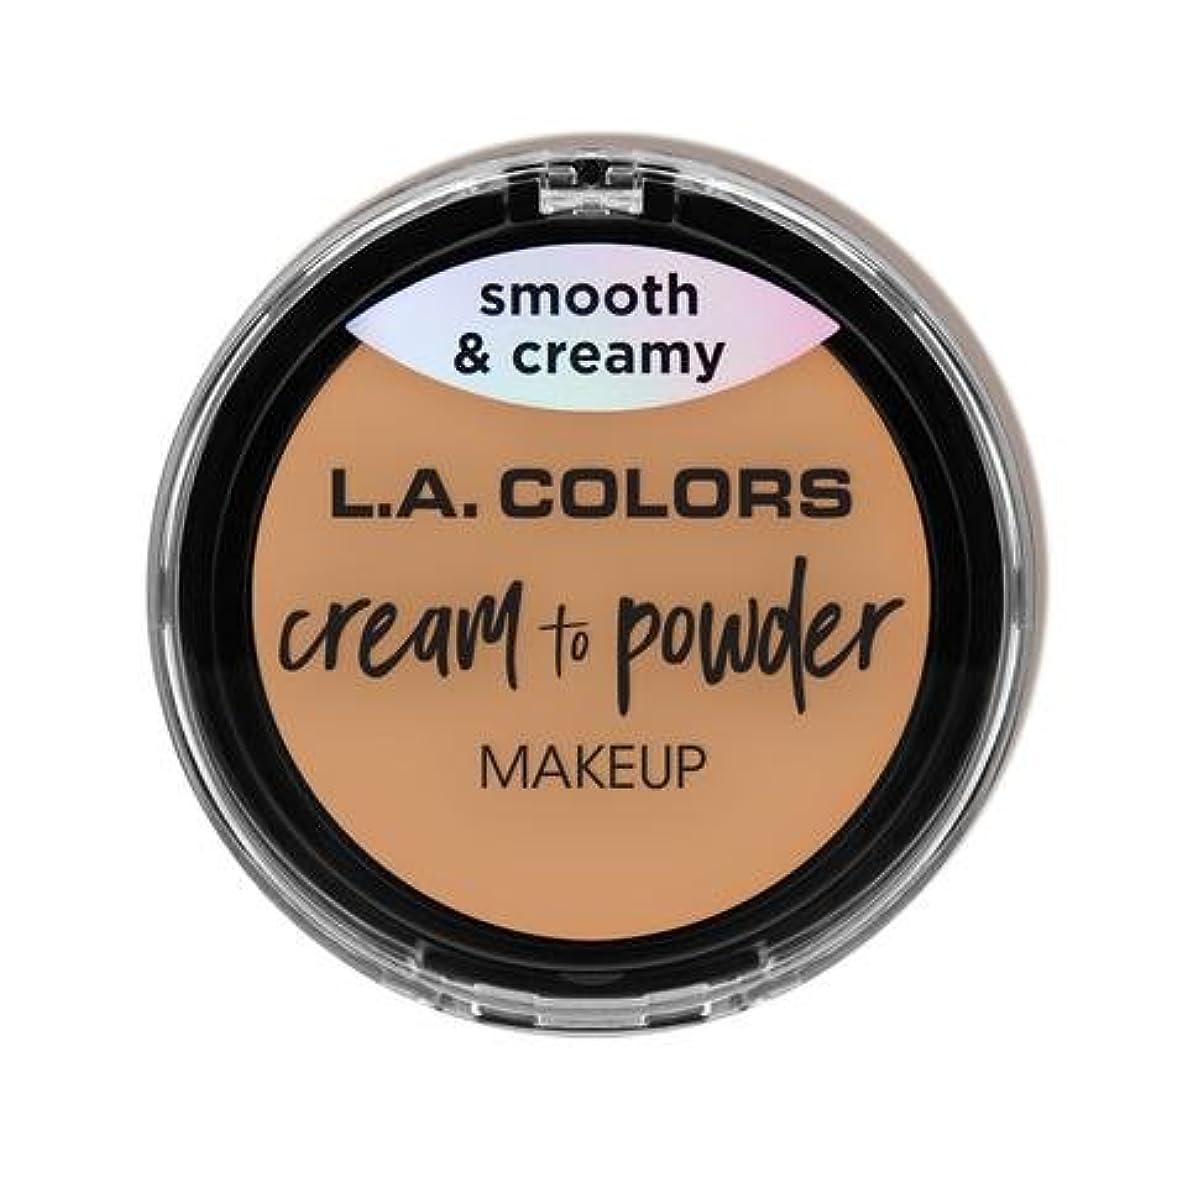 と組む変化するずんぐりした(6 Pack) L.A. COLORS Cream To Powder Foundation - Honey Beige (並行輸入品)